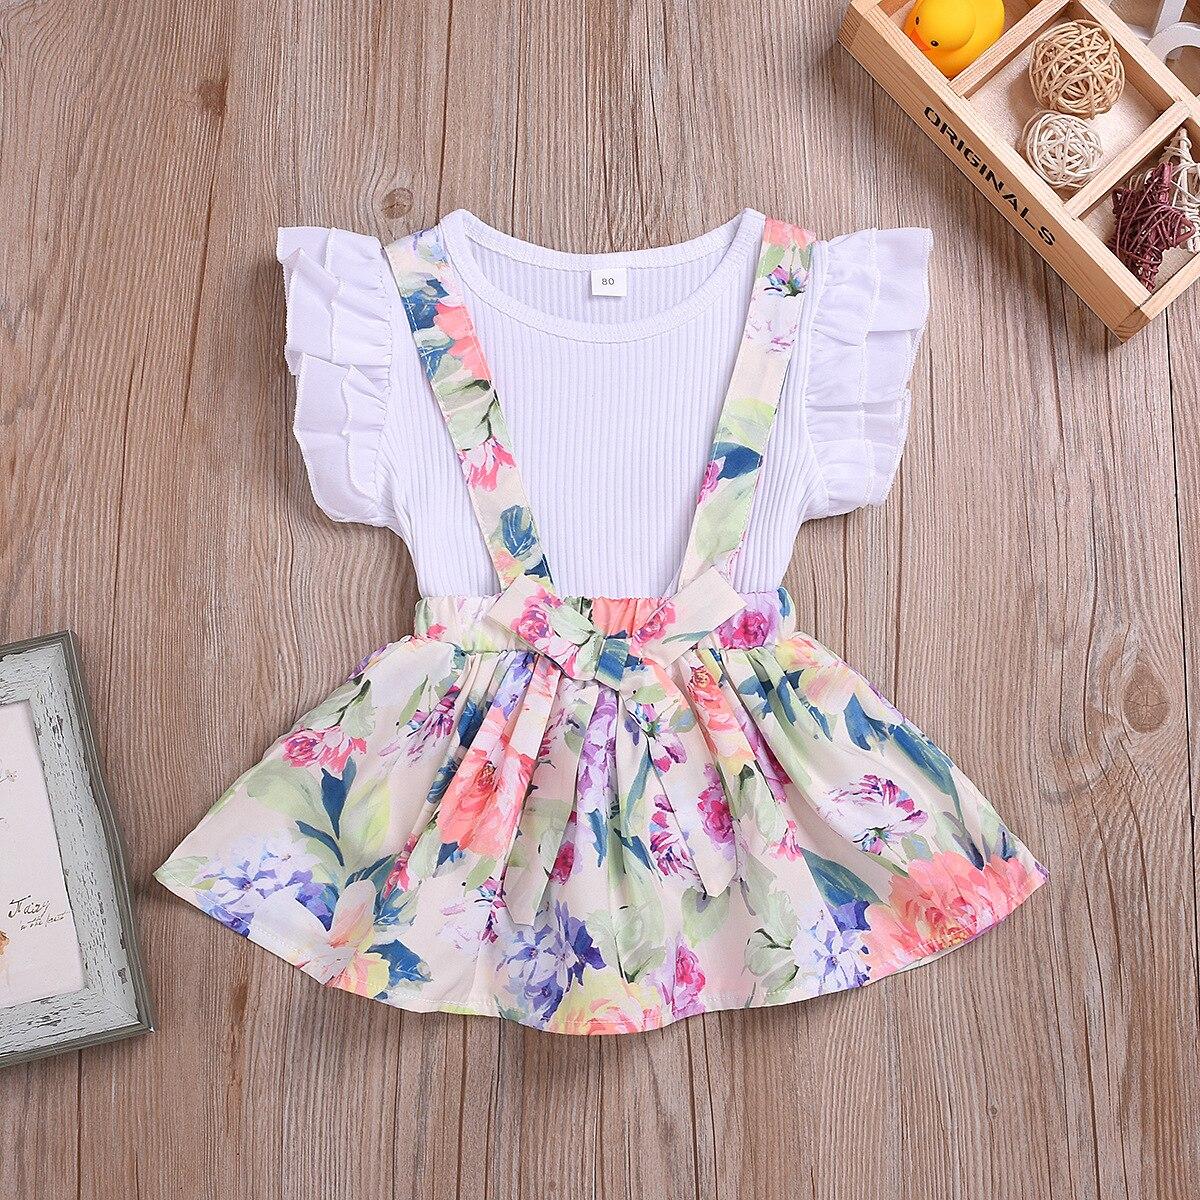 Cotton Printed Strap Dress Suit Girls Clothes L4.17 4